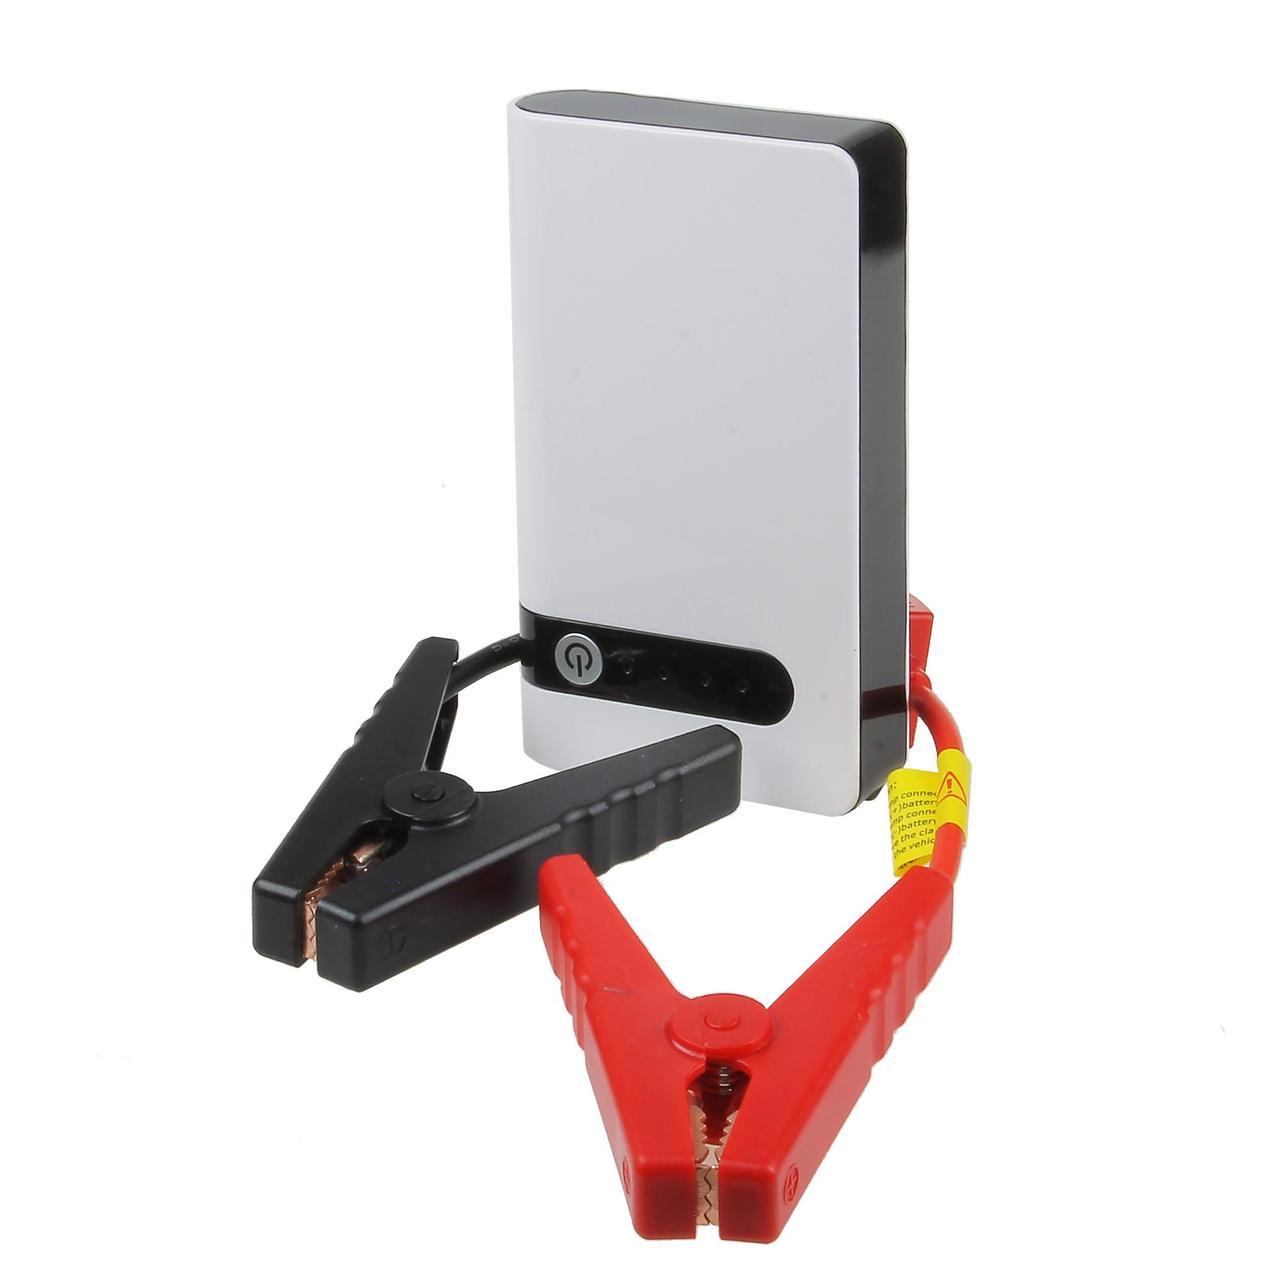 Уценка! Пуско-зарядное устройство (бустер) Minimax